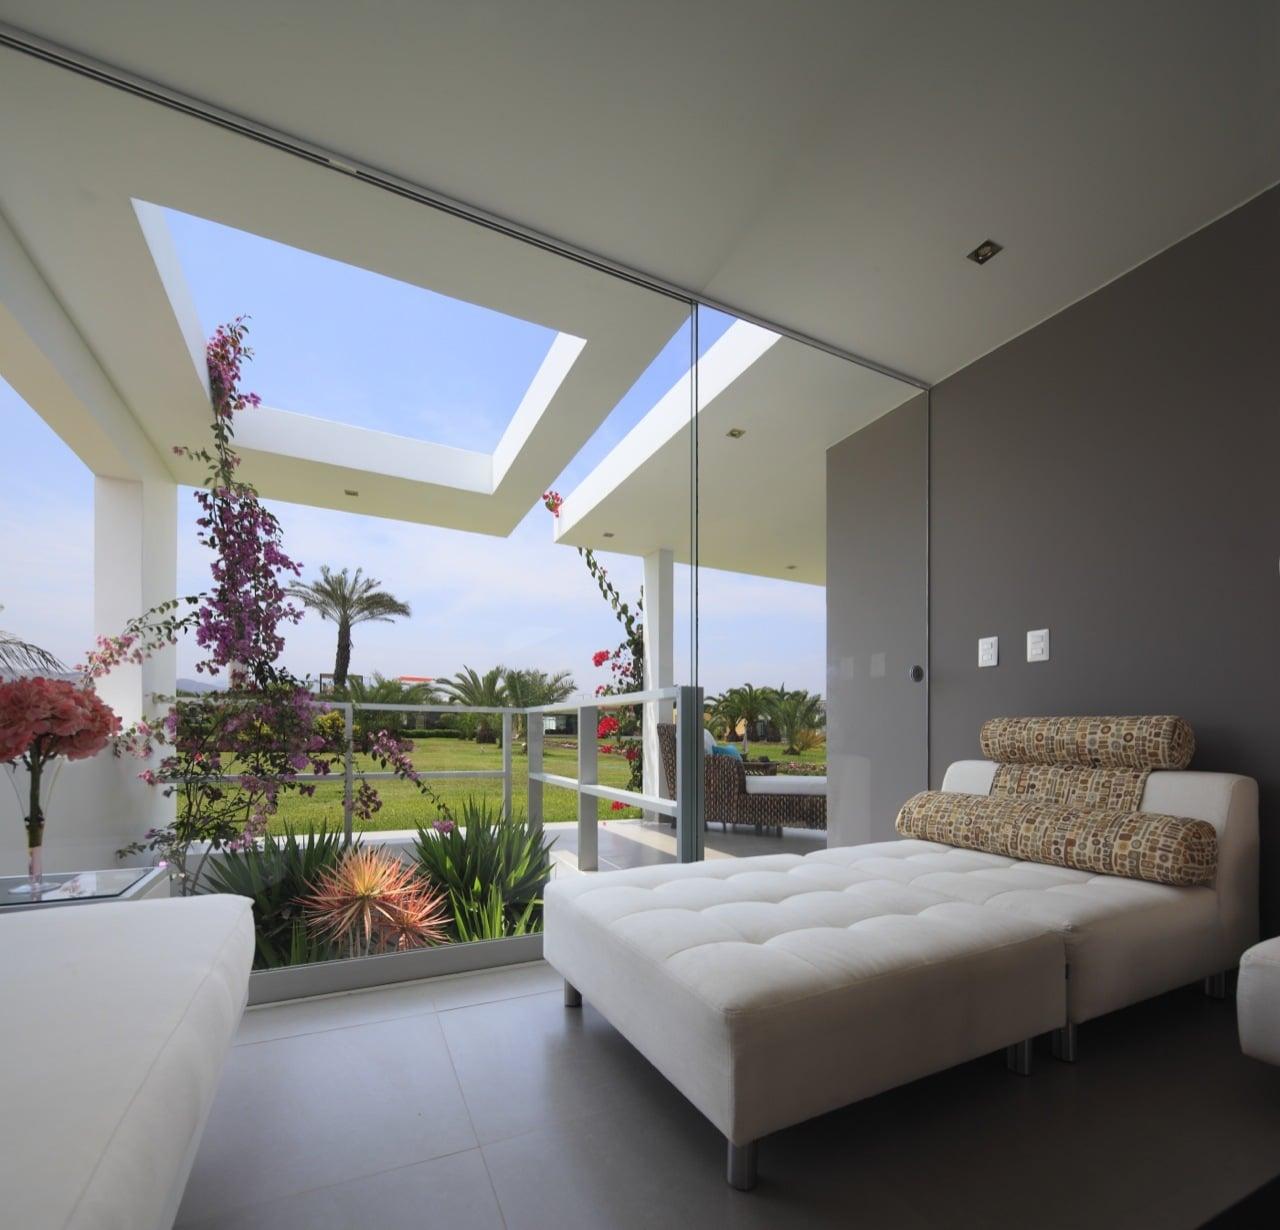 Dise o de casa de una planta con s tano y terraza piscina for Modelos de terrazas de casas modernas